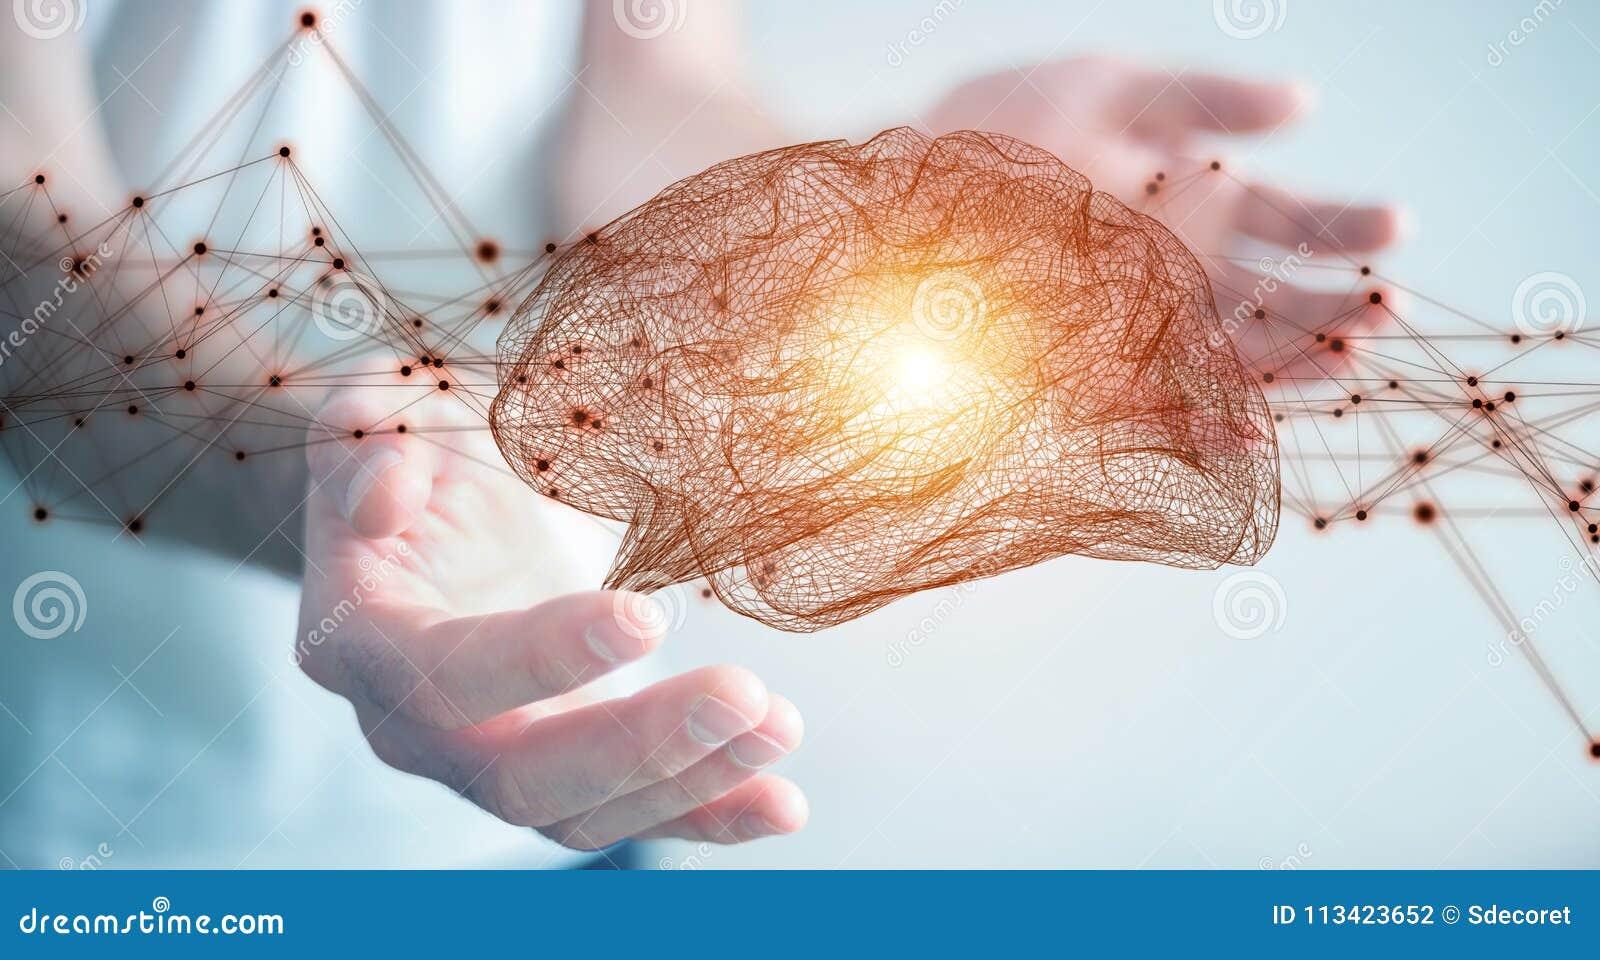 Бизнесмен используя цифровое renderi интерфейса 3D человеческого мозга рентгеновского снимка